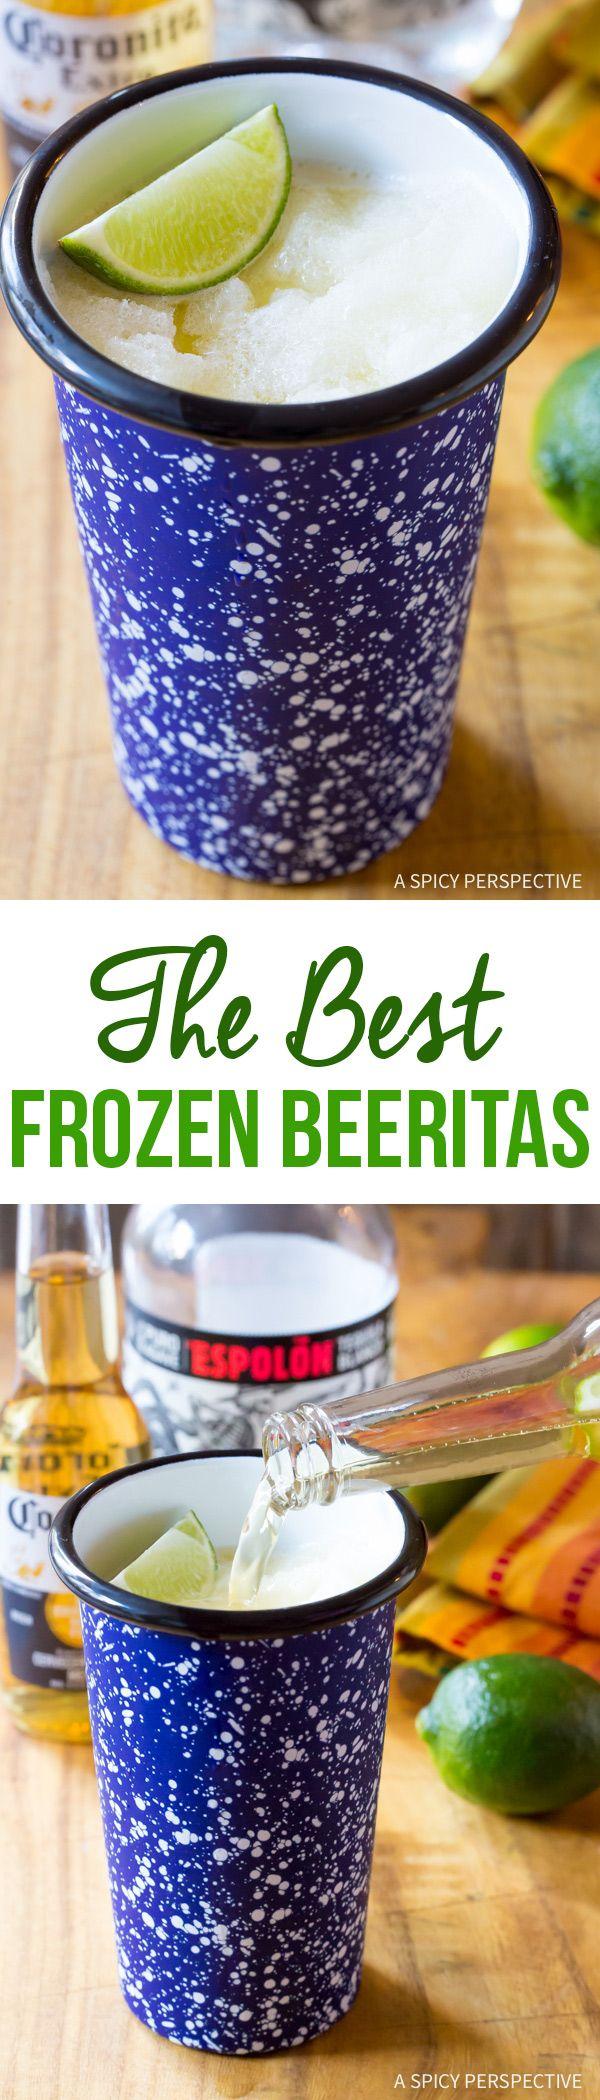 The Best Frozen Beeritas Recipe #CincoDeMayo via @spicyperspectiv